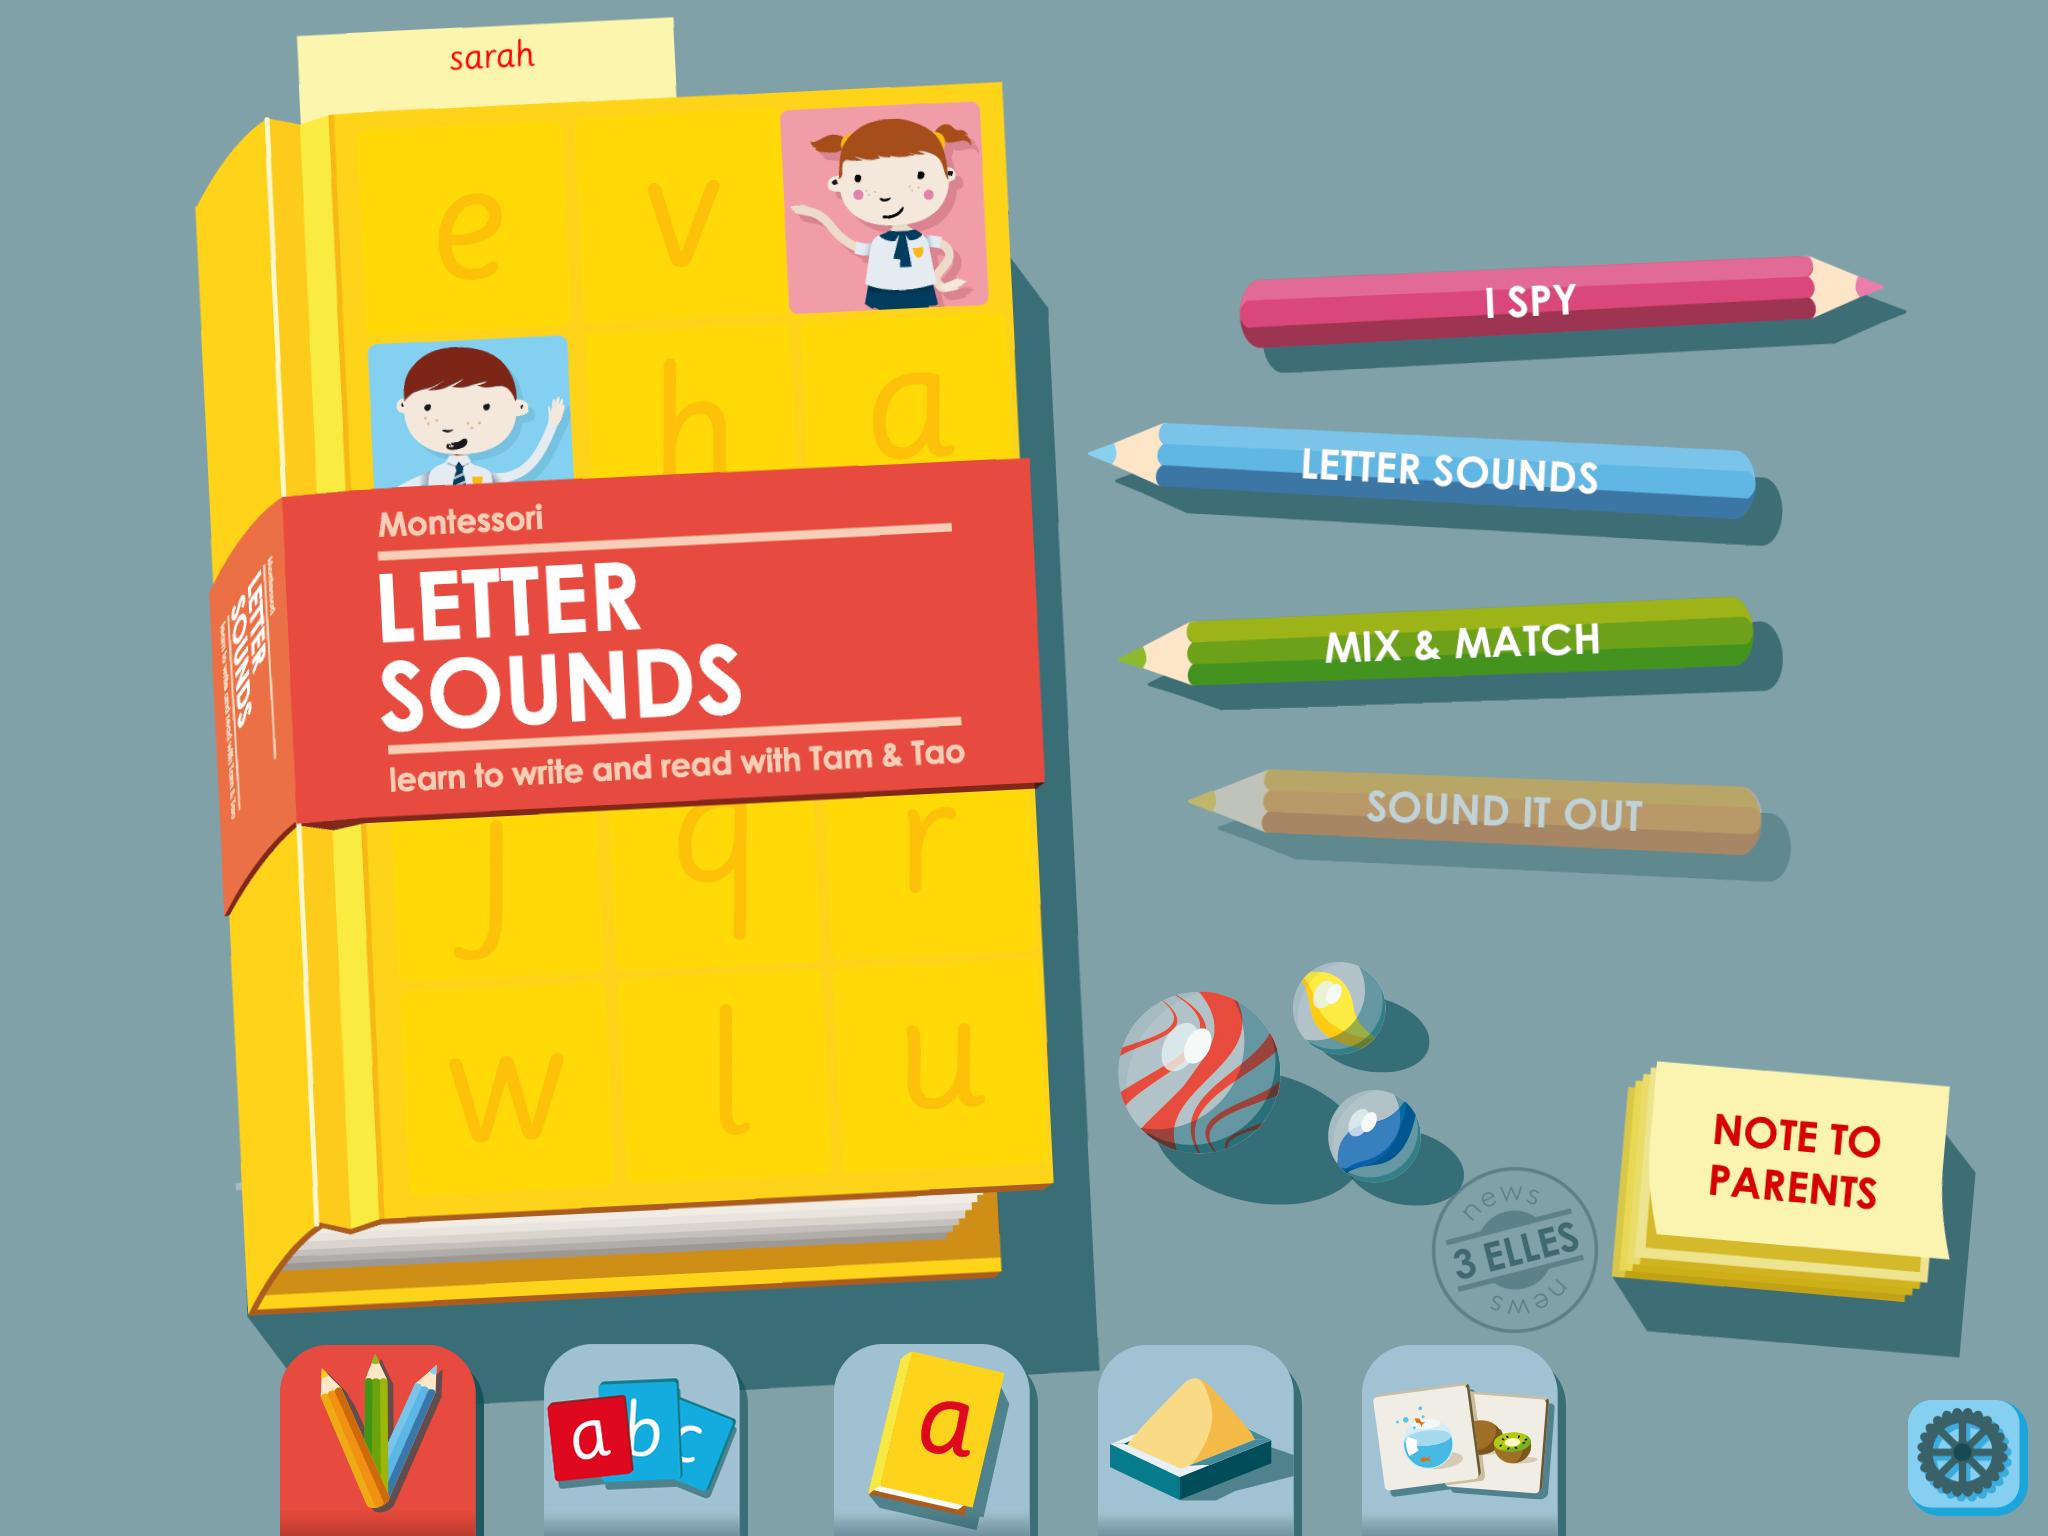 Montessori Letter Sounds